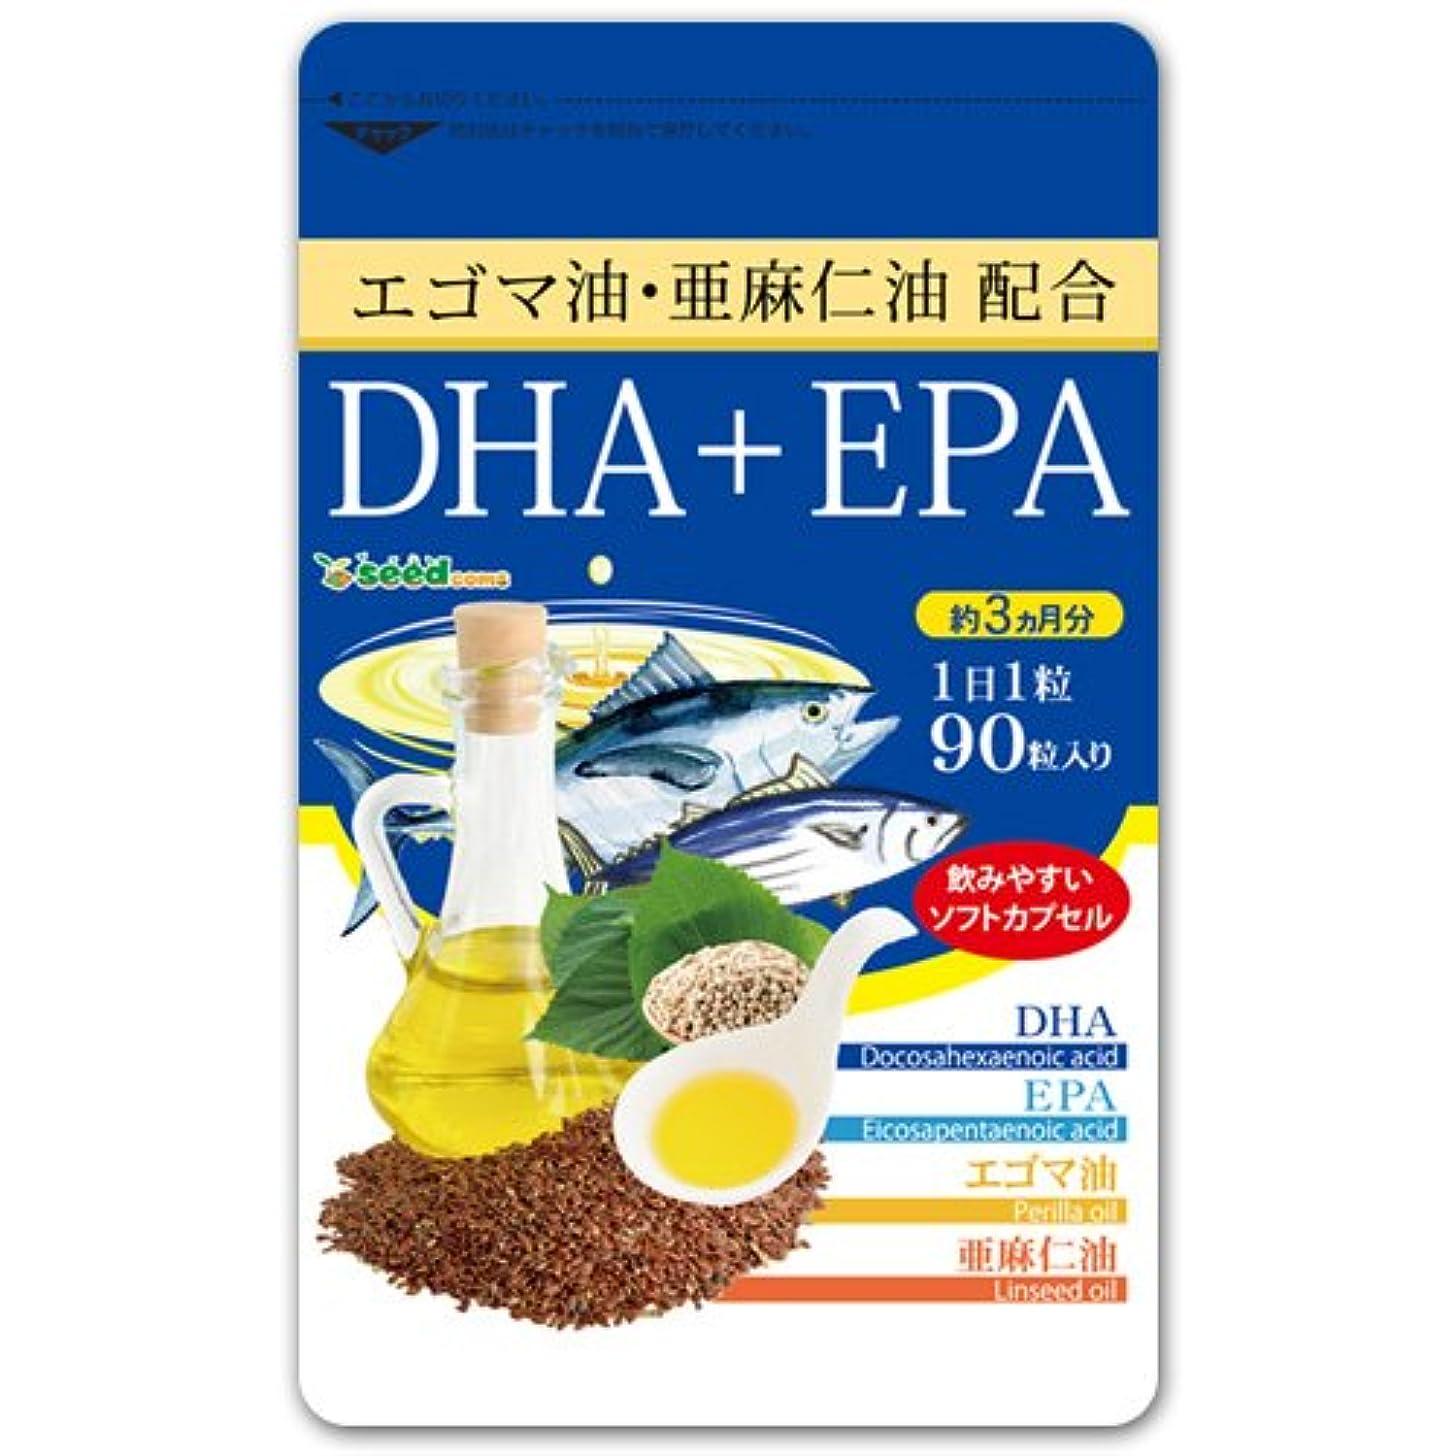 運河にやにやシャープ【 seedcoms シードコムス 公式 】亜麻仁油 エゴマ油配合 DHA+EPA (約3ヶ月分/90粒)